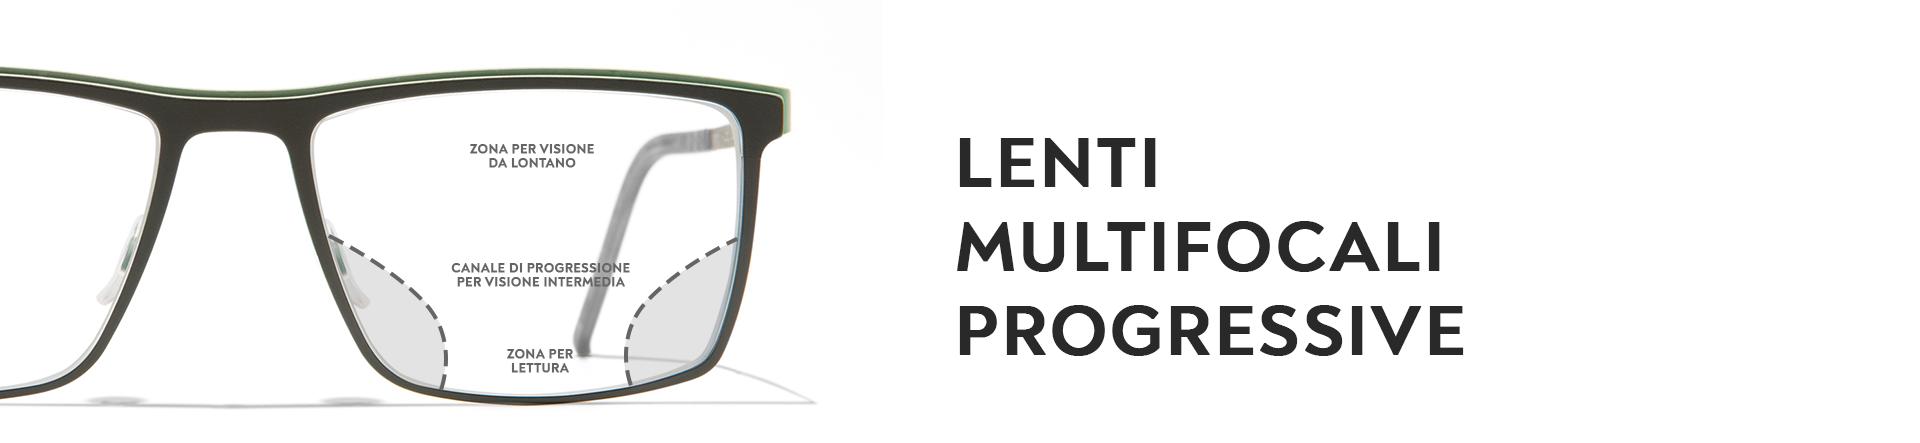 Lenti Multifocali Progressive - Occhiali da Vista